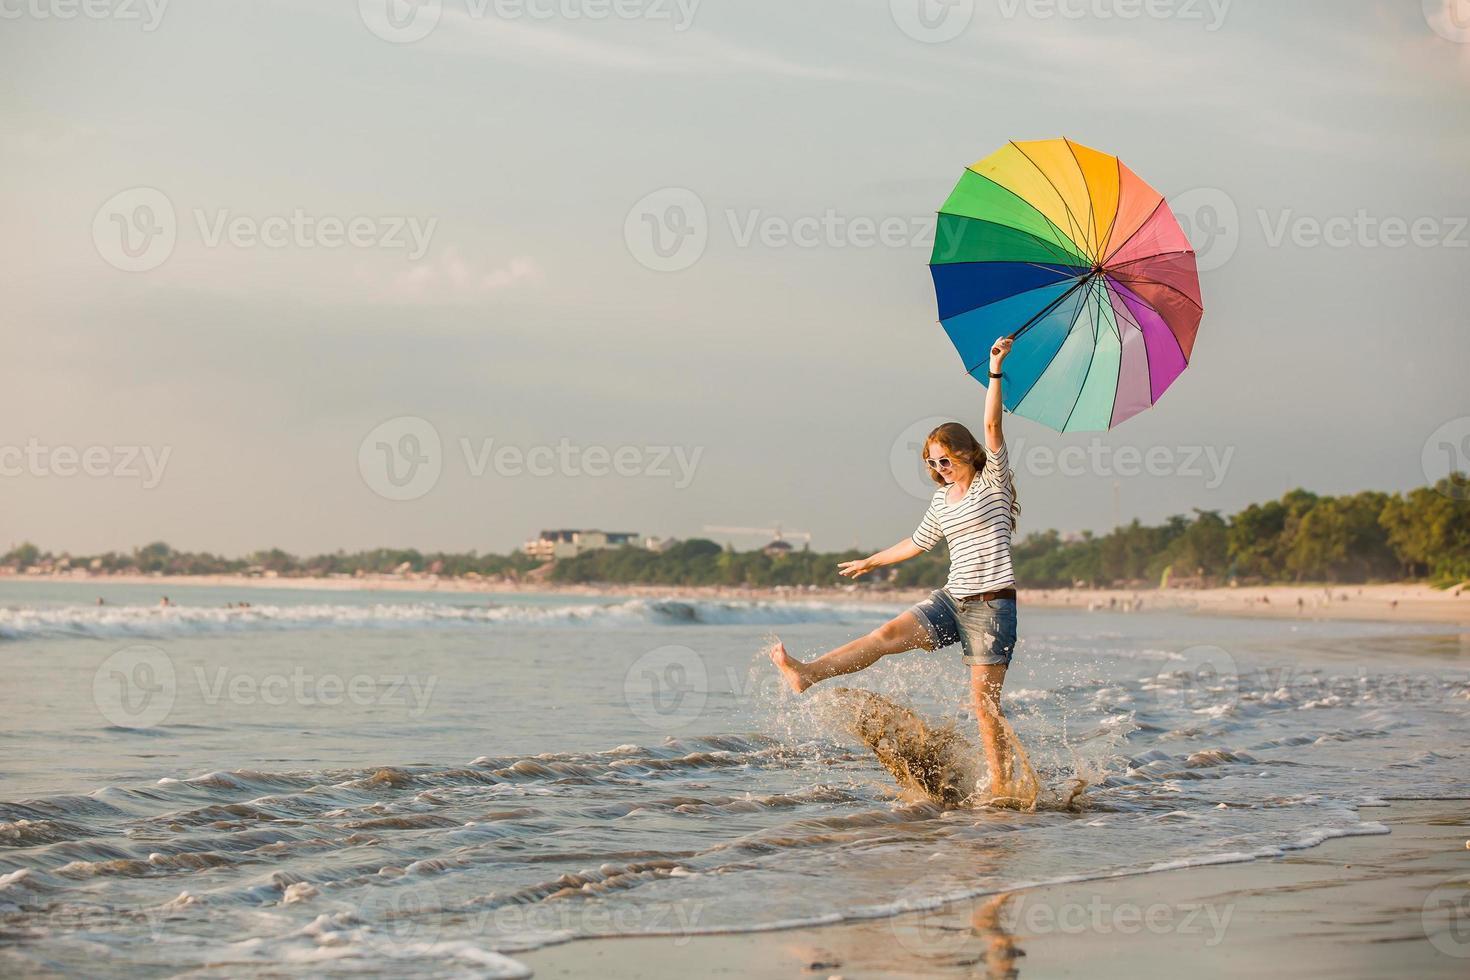 alegre joven con paraguas arco iris divirtiéndose en el foto